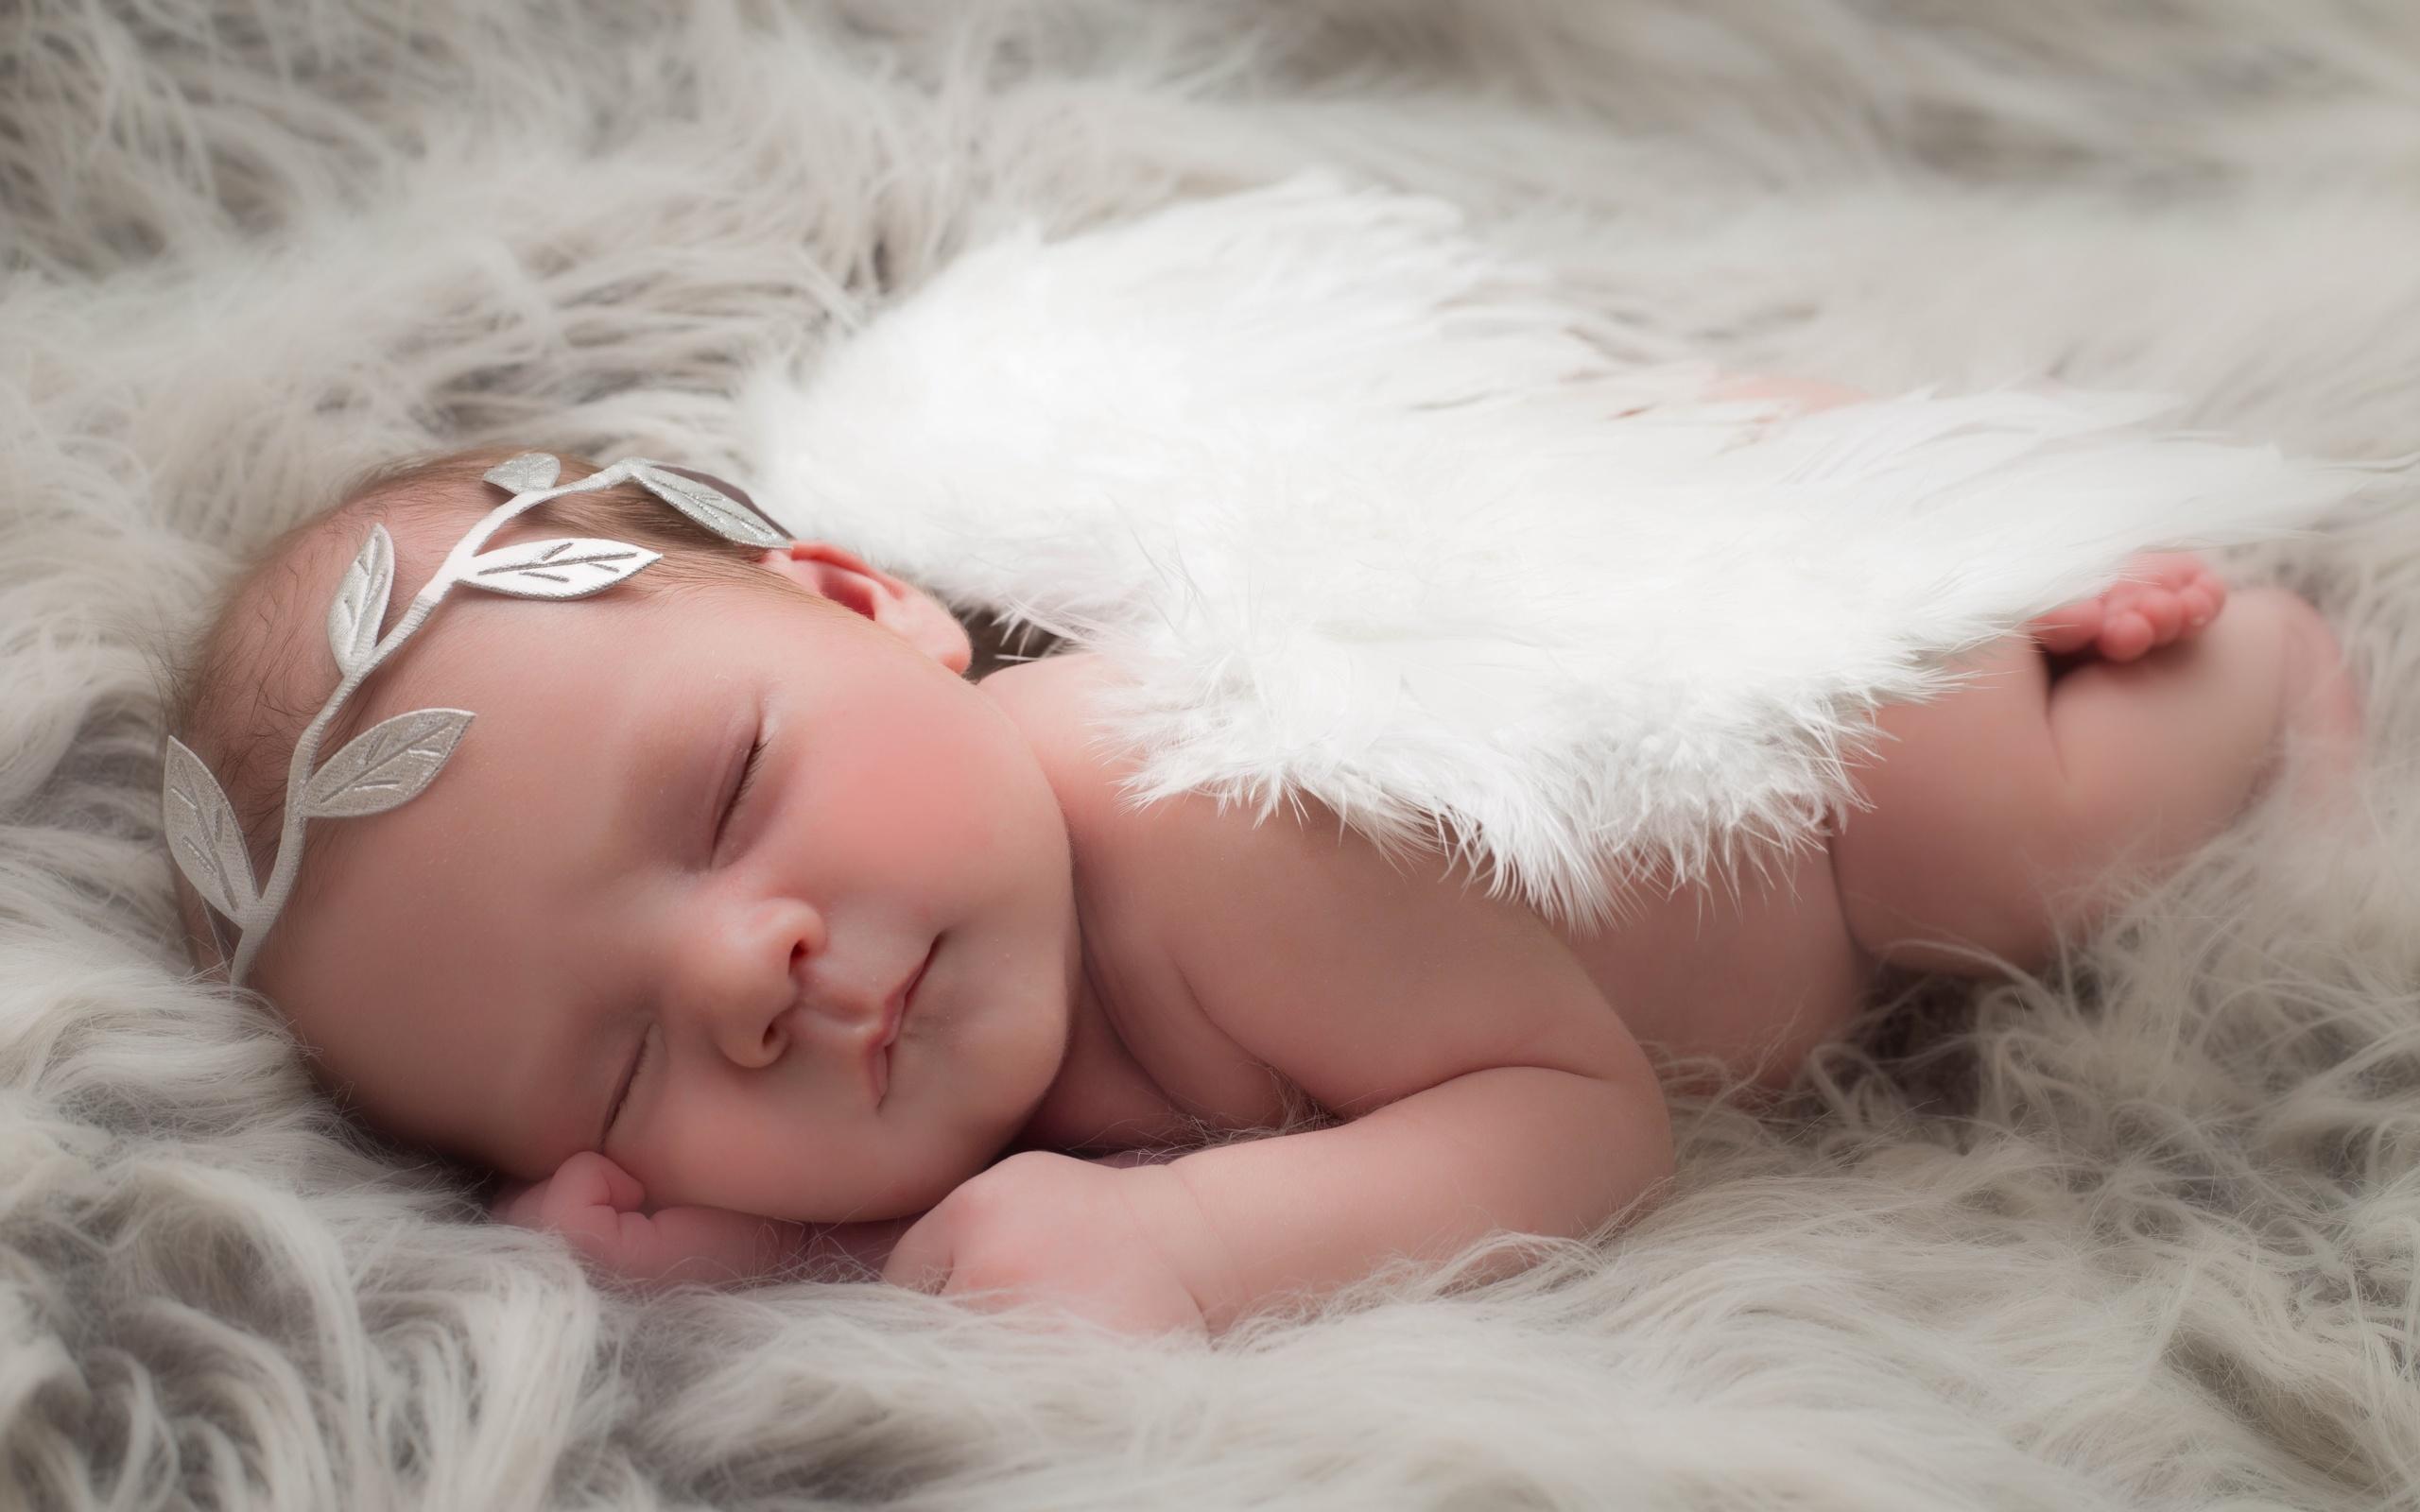 Картинки малышей ангелов